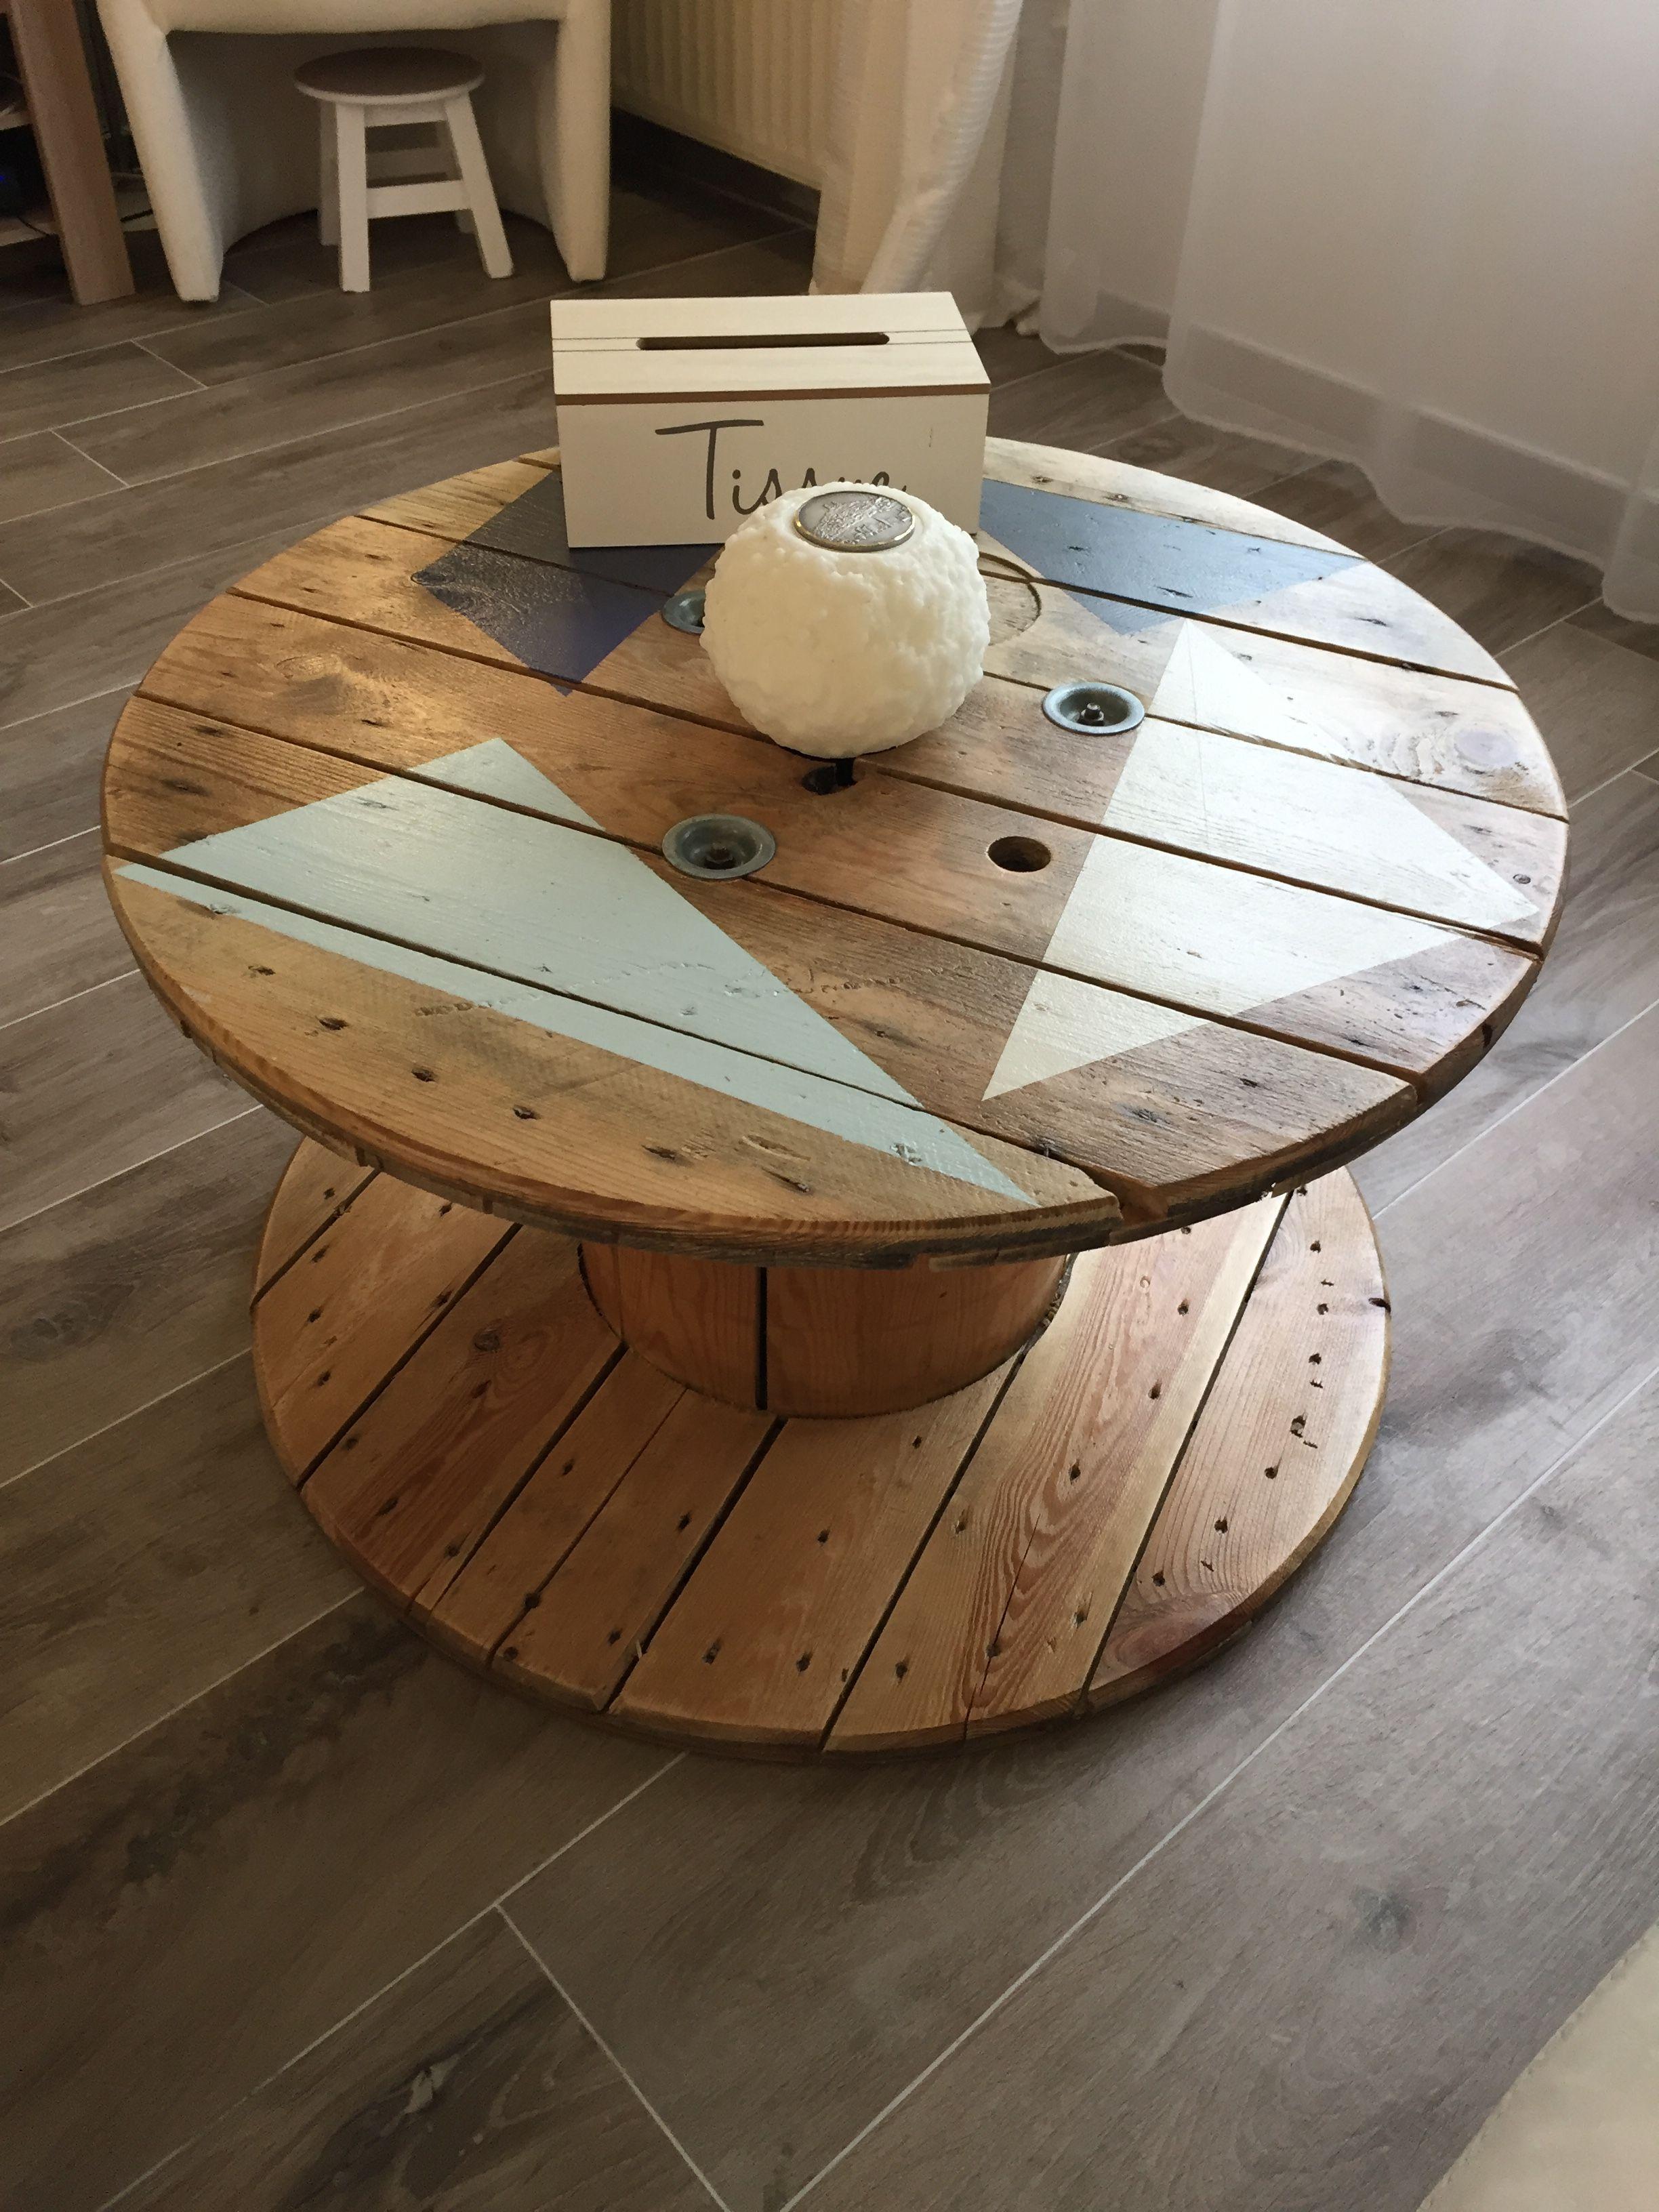 1001 Idees Que Faire Avec Un Touret Des Inspirations Recup Tables A Tiroir En Bois Tables A Tiroir Table Basse Touret